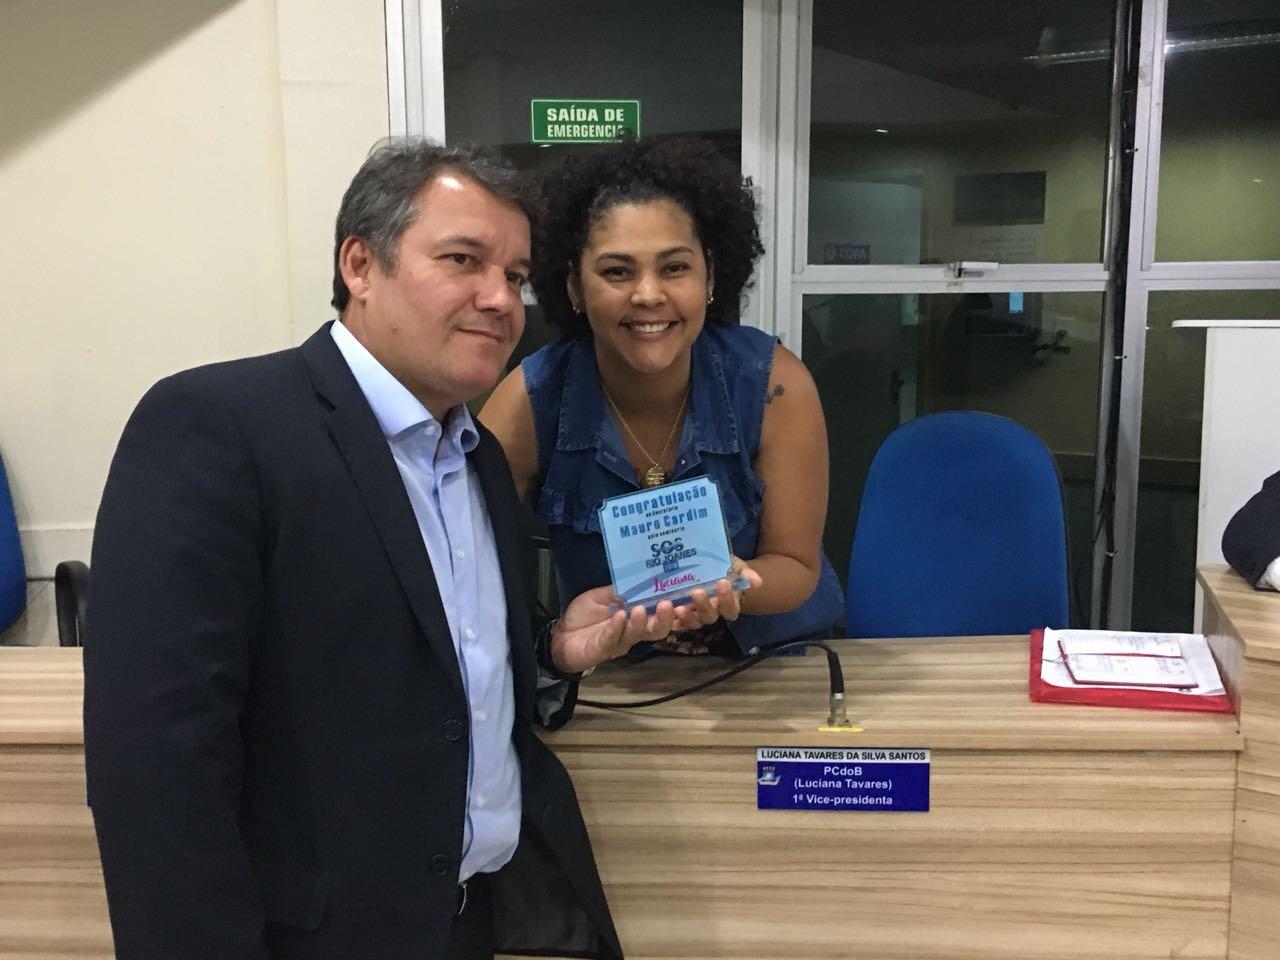 Câmara de Vereadores de Lauro de Freitas reconhece trabalho executado por Mauro Cardim